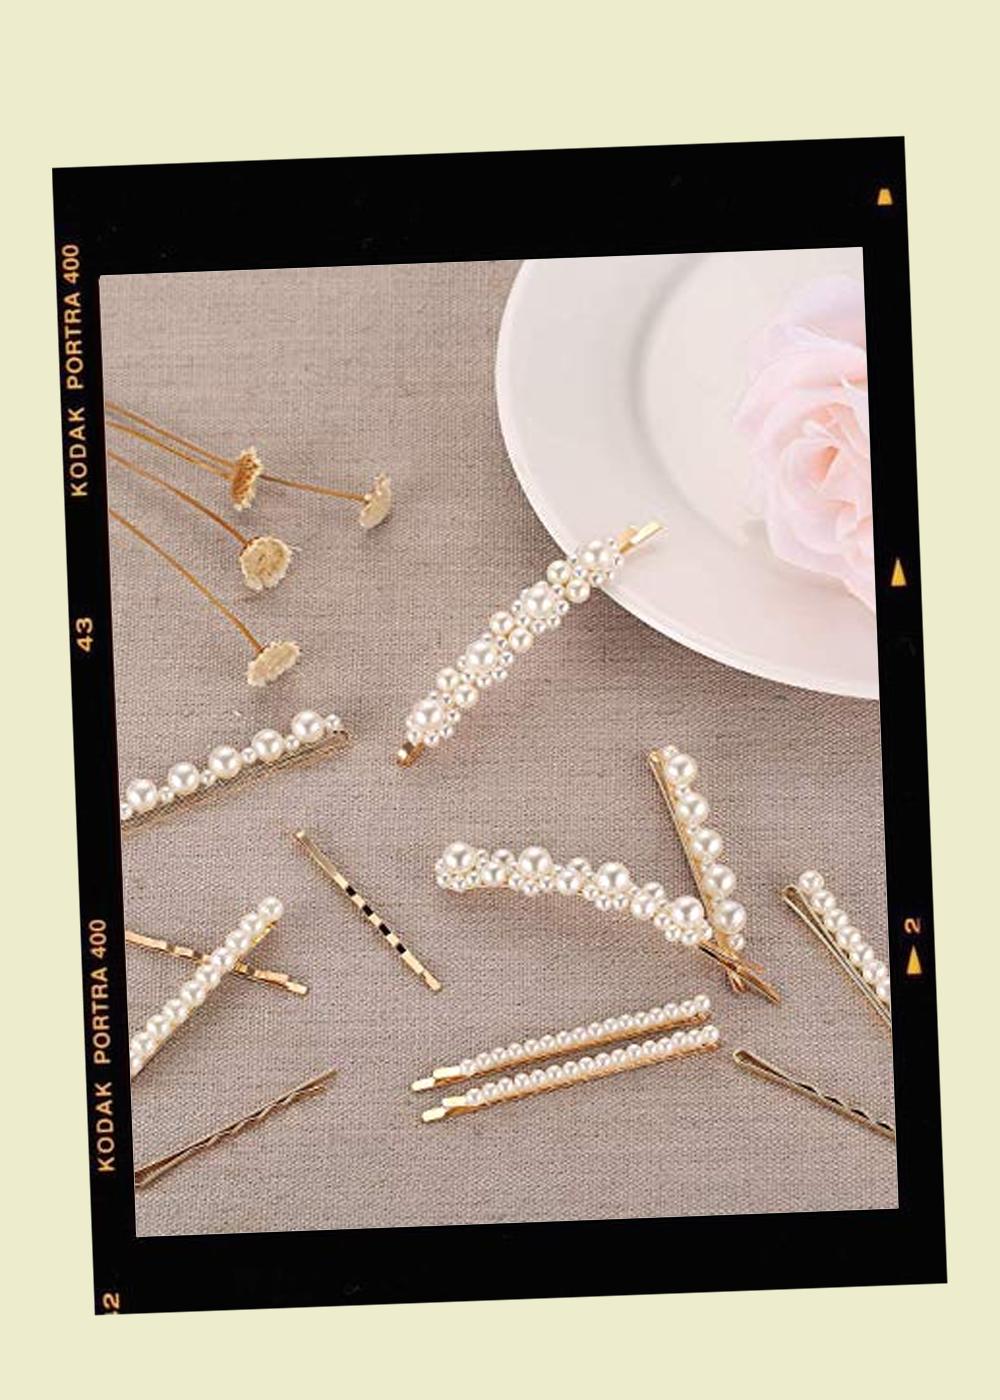 010. - Pearl Hair Pins // $10Amazon